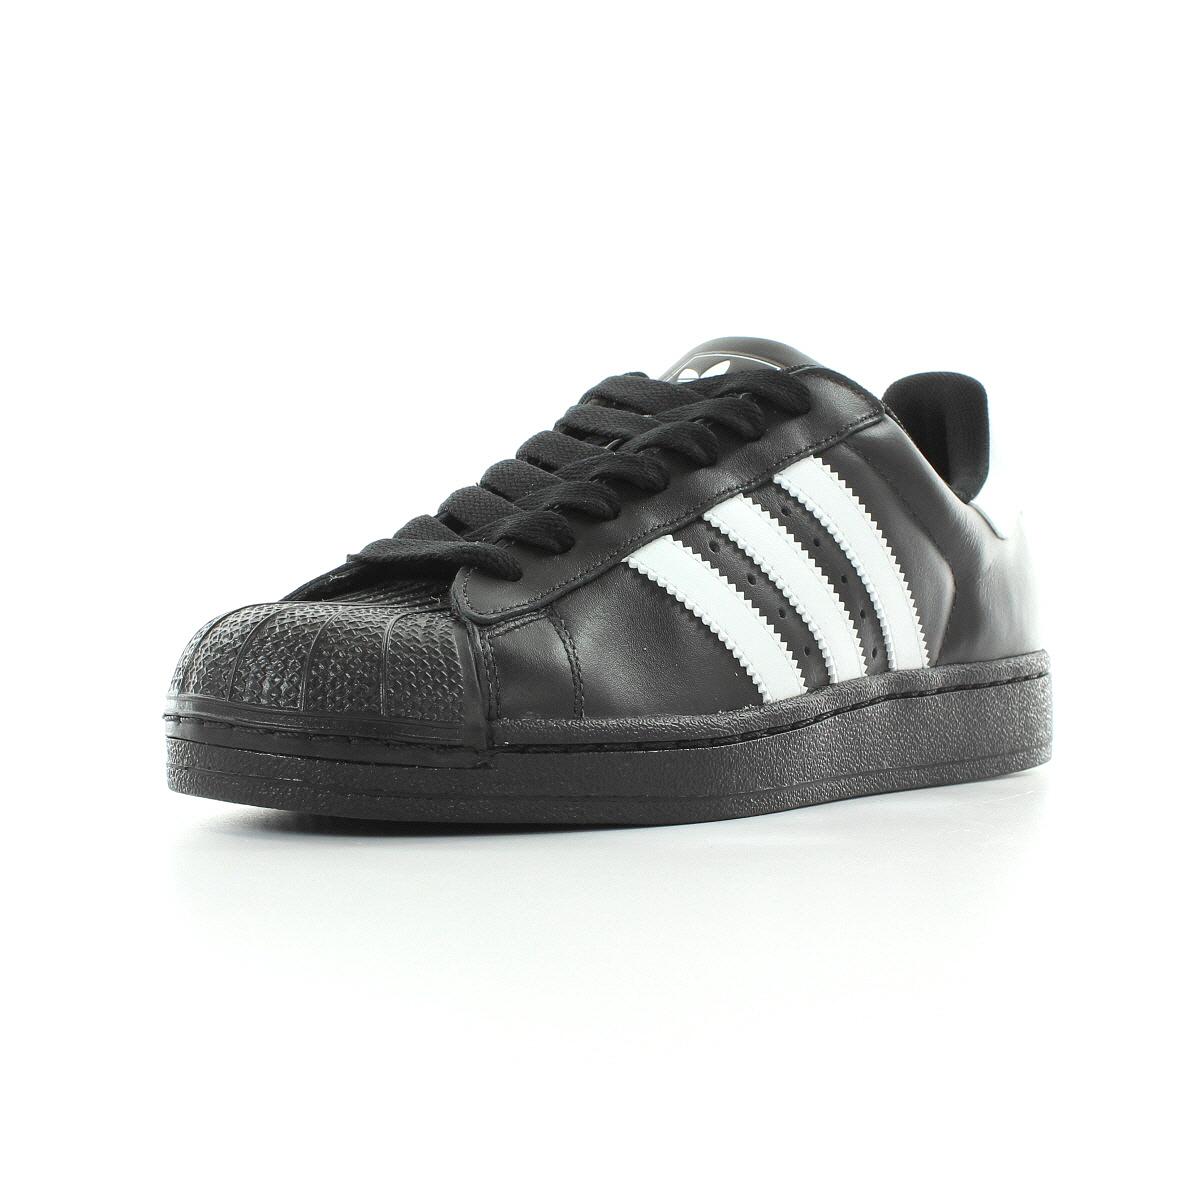 Adidas superstar femme comparateur - Comparateur prix chaussures ...